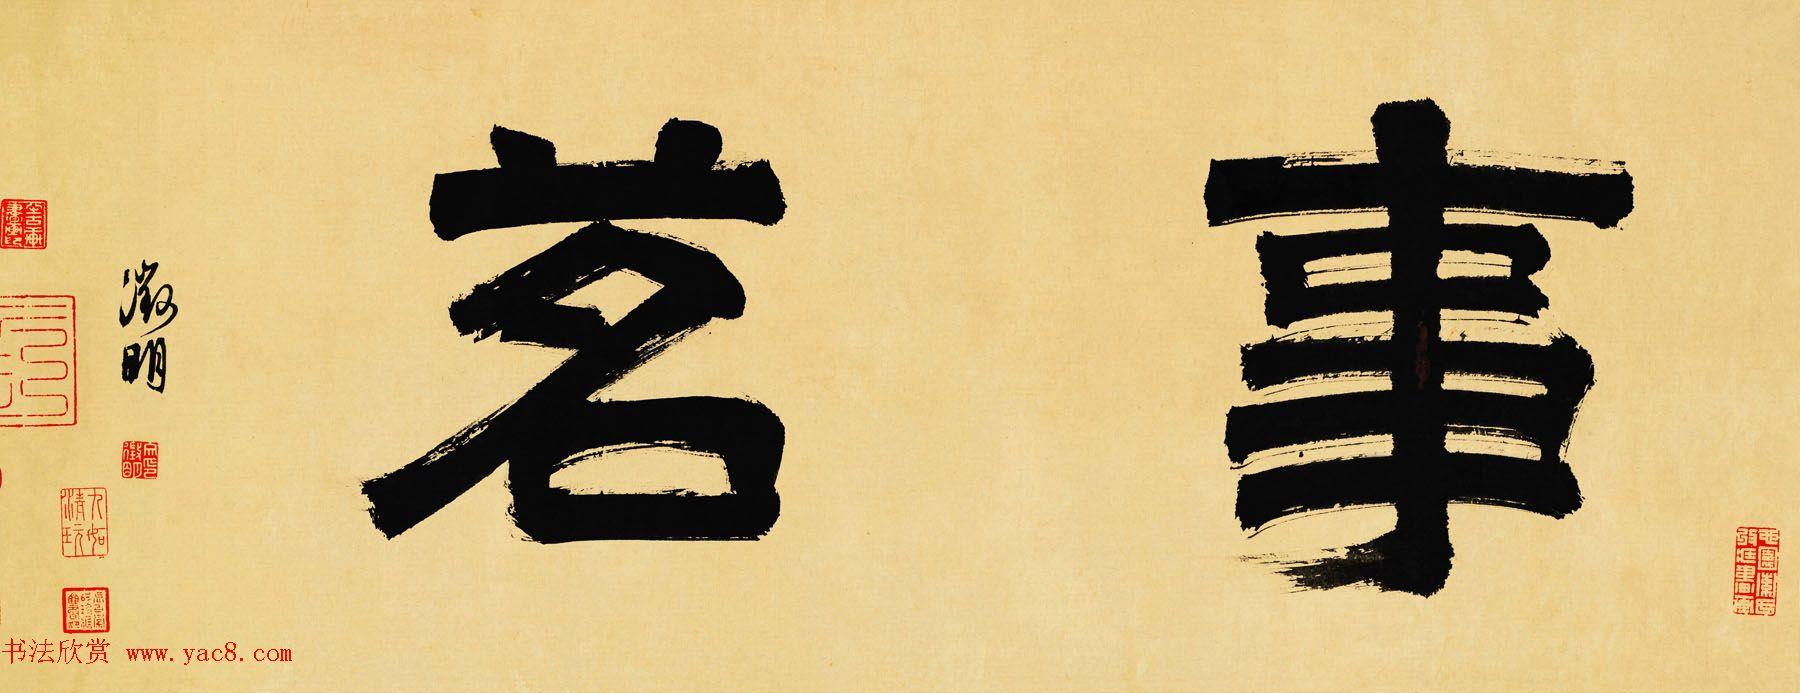 衡山居士文徵明大字书法《事茗》